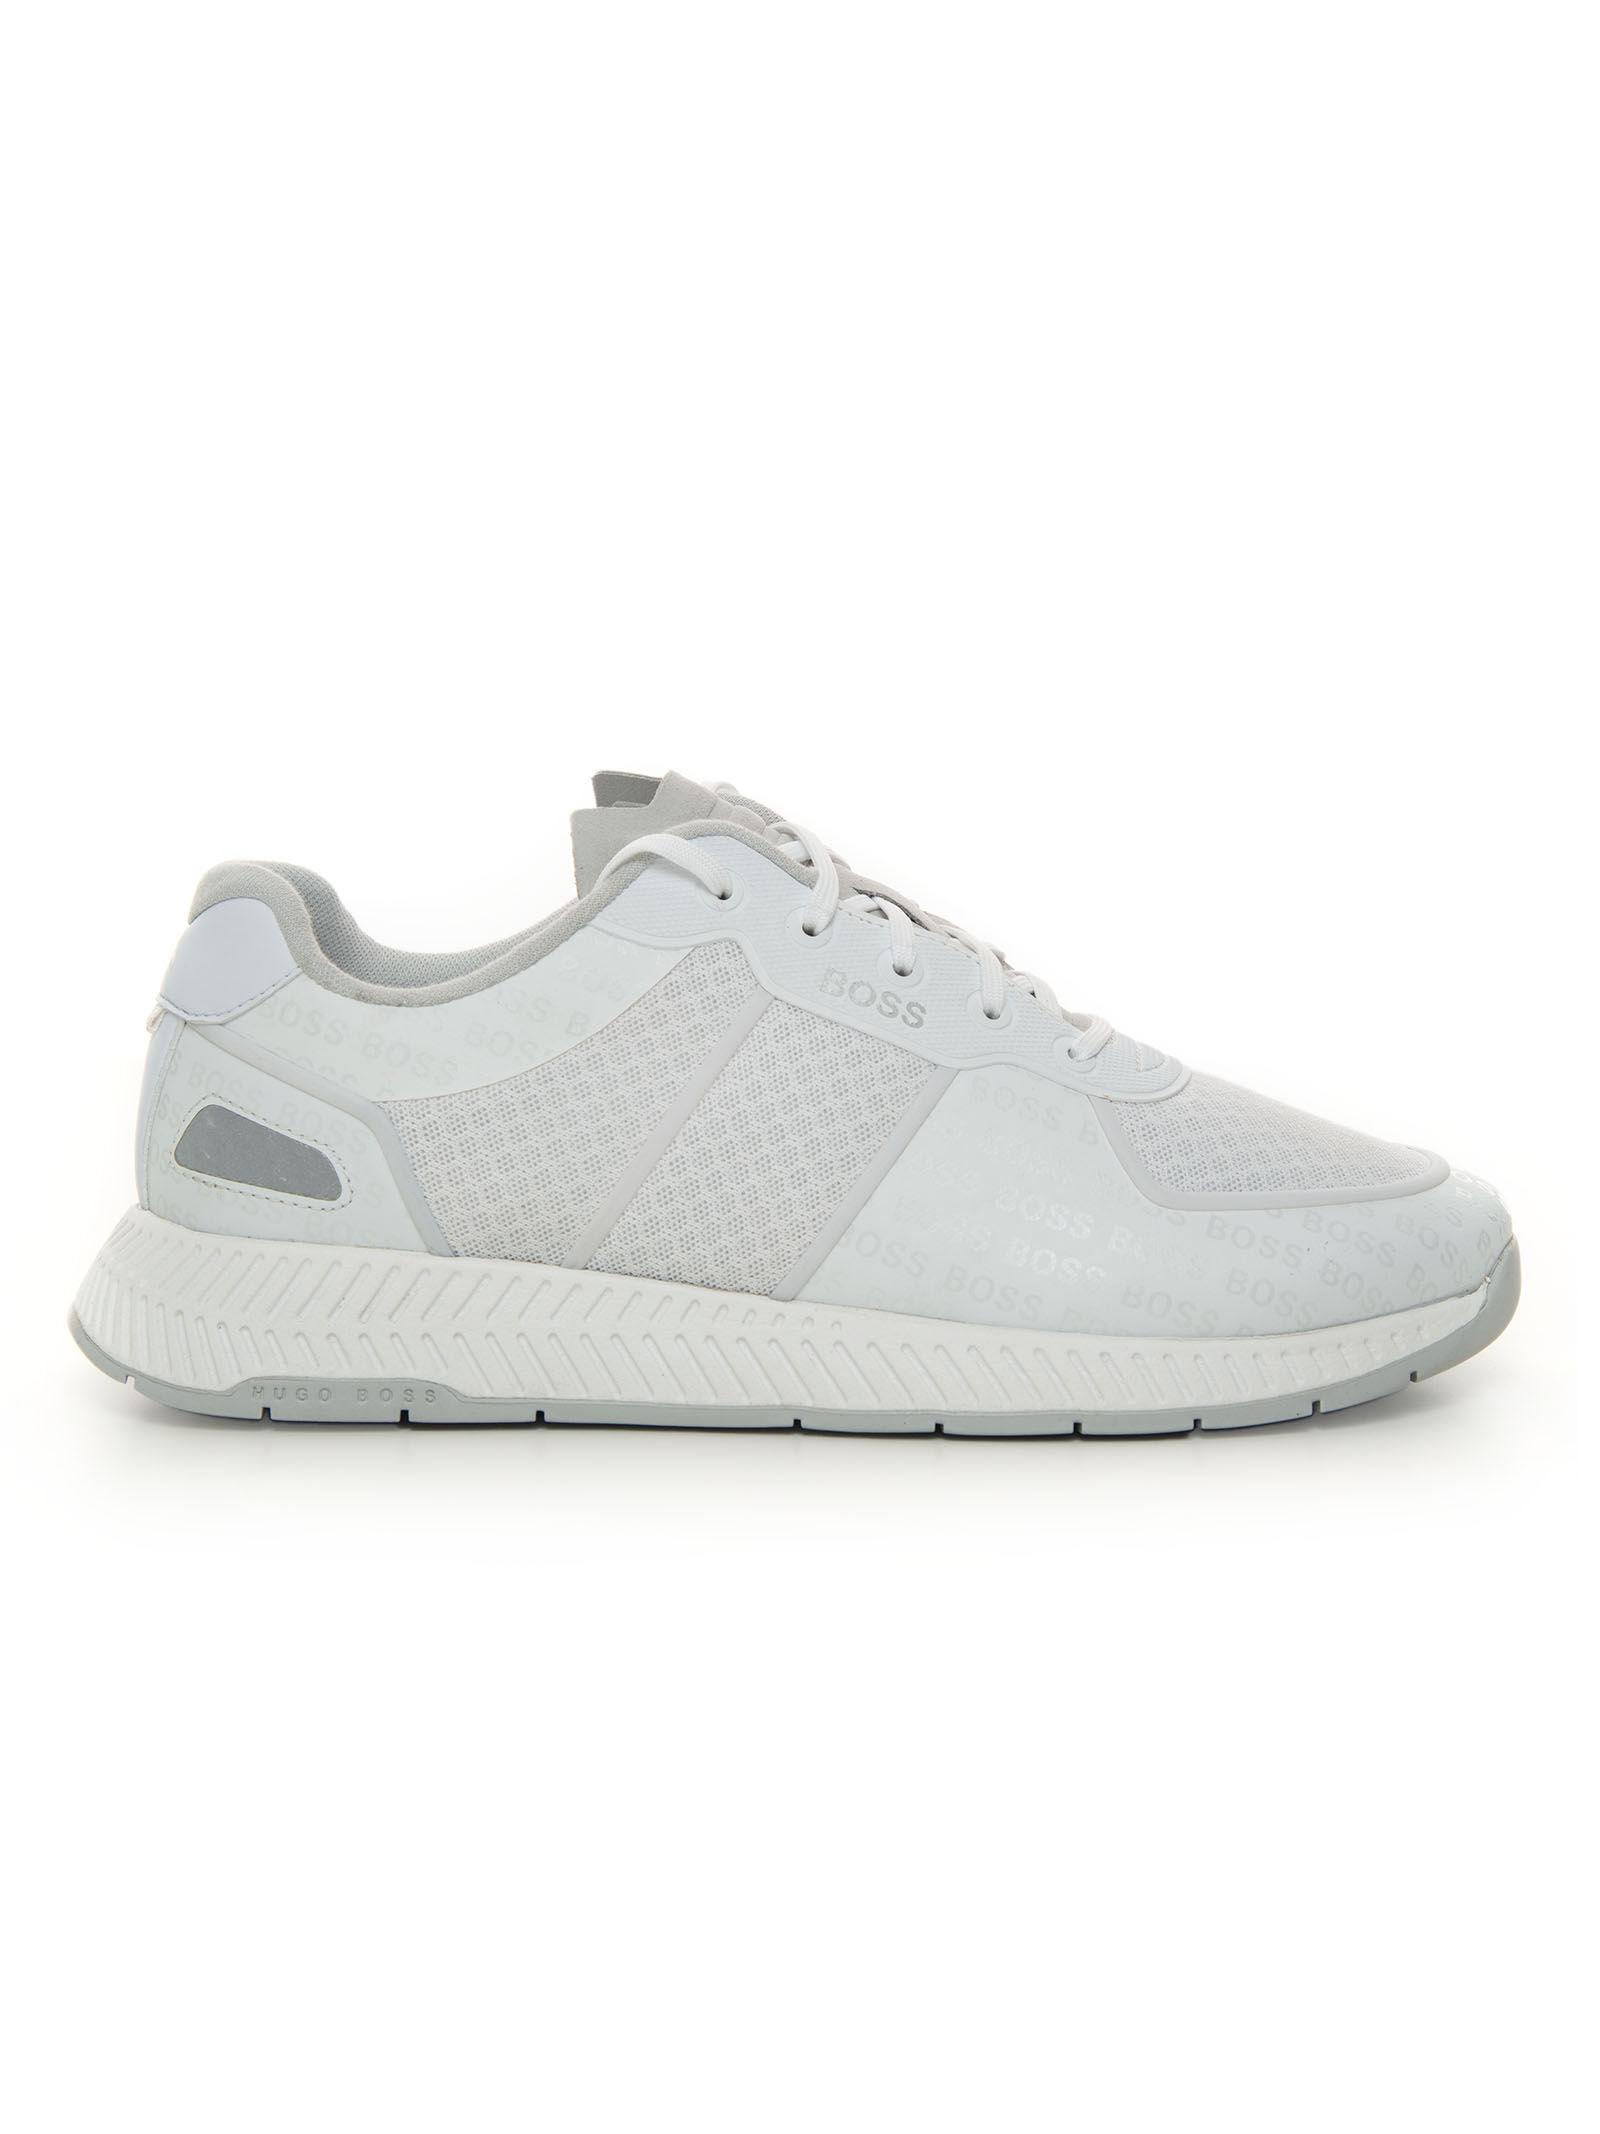 Boss Sneakers Bianco Pelle Uomo